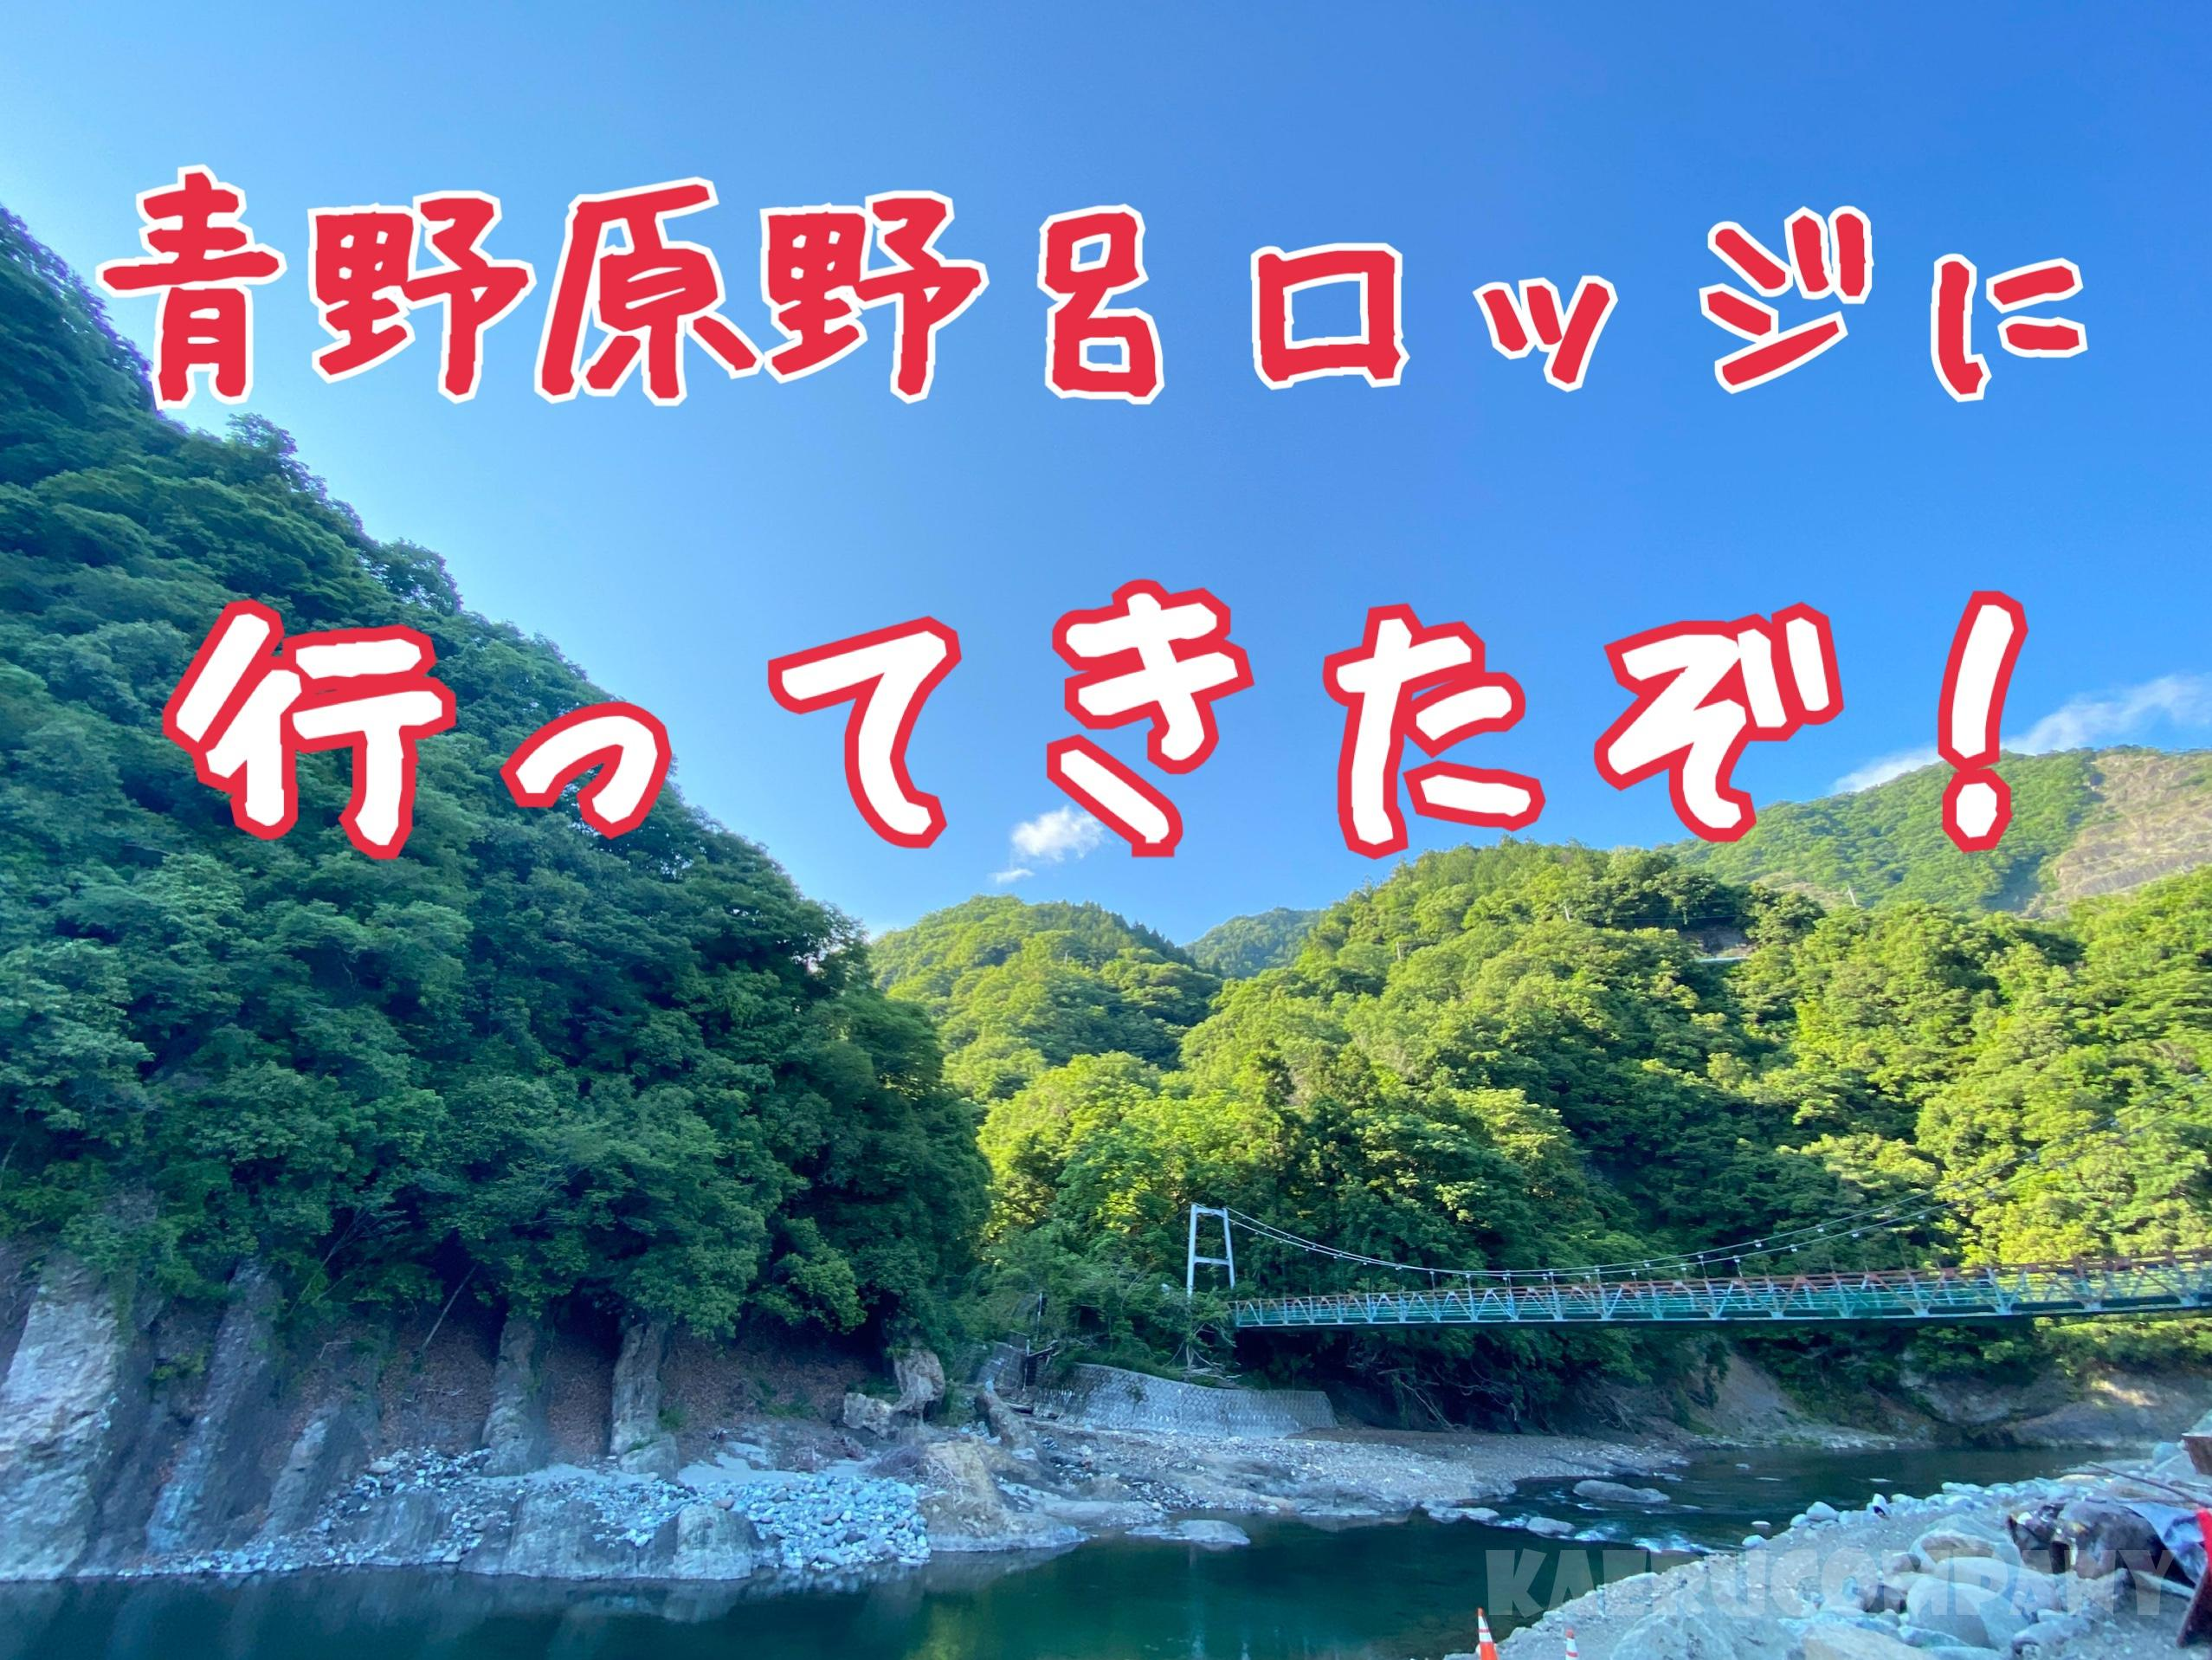 【2020最新】最高のロケーション!川遊びを堪能するなら@青野原野呂ロッジキャンプ場